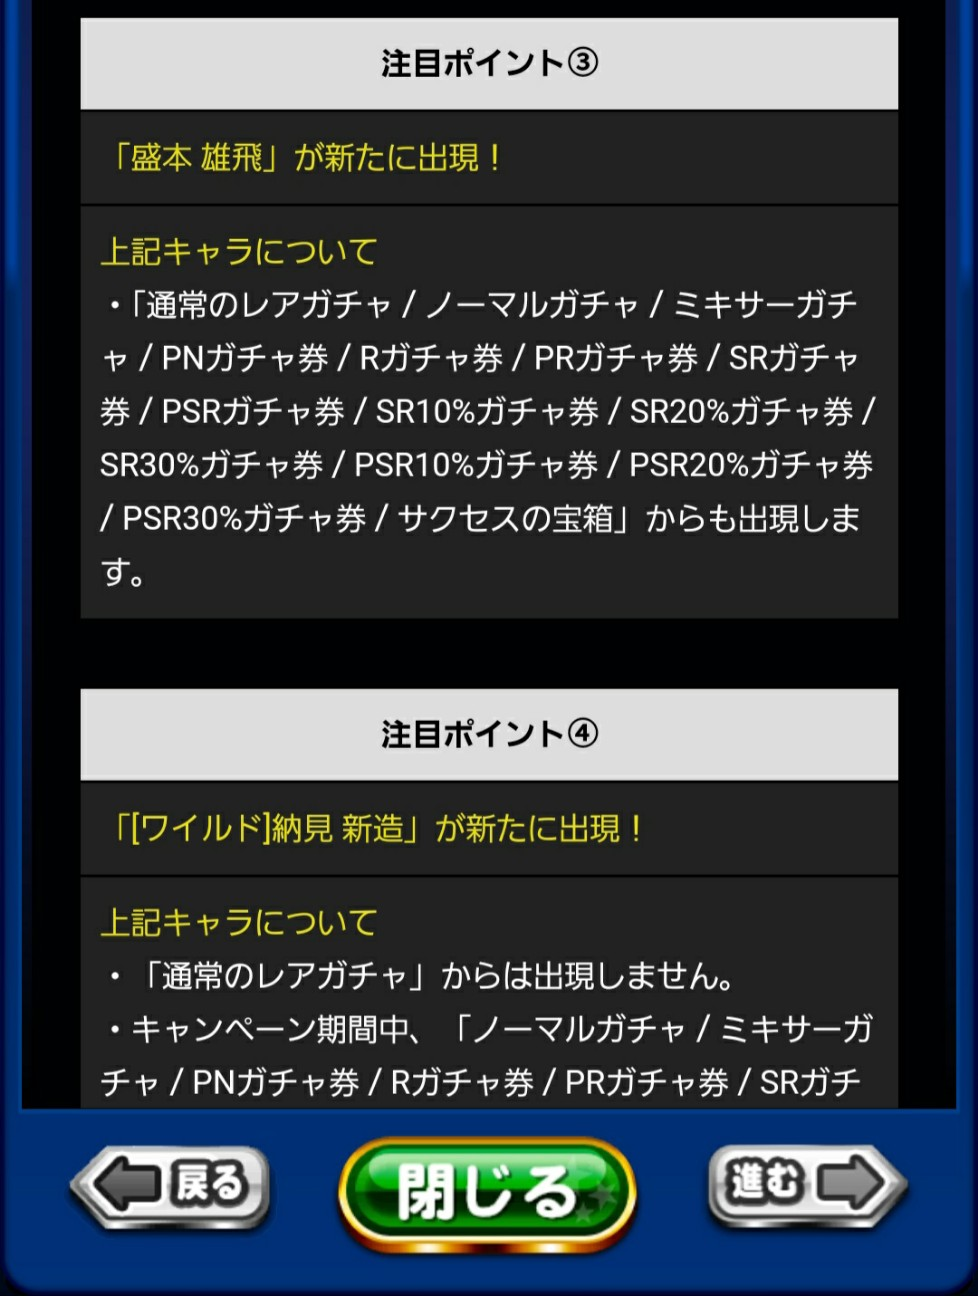 f:id:arimurasaji:20201012173344j:plain